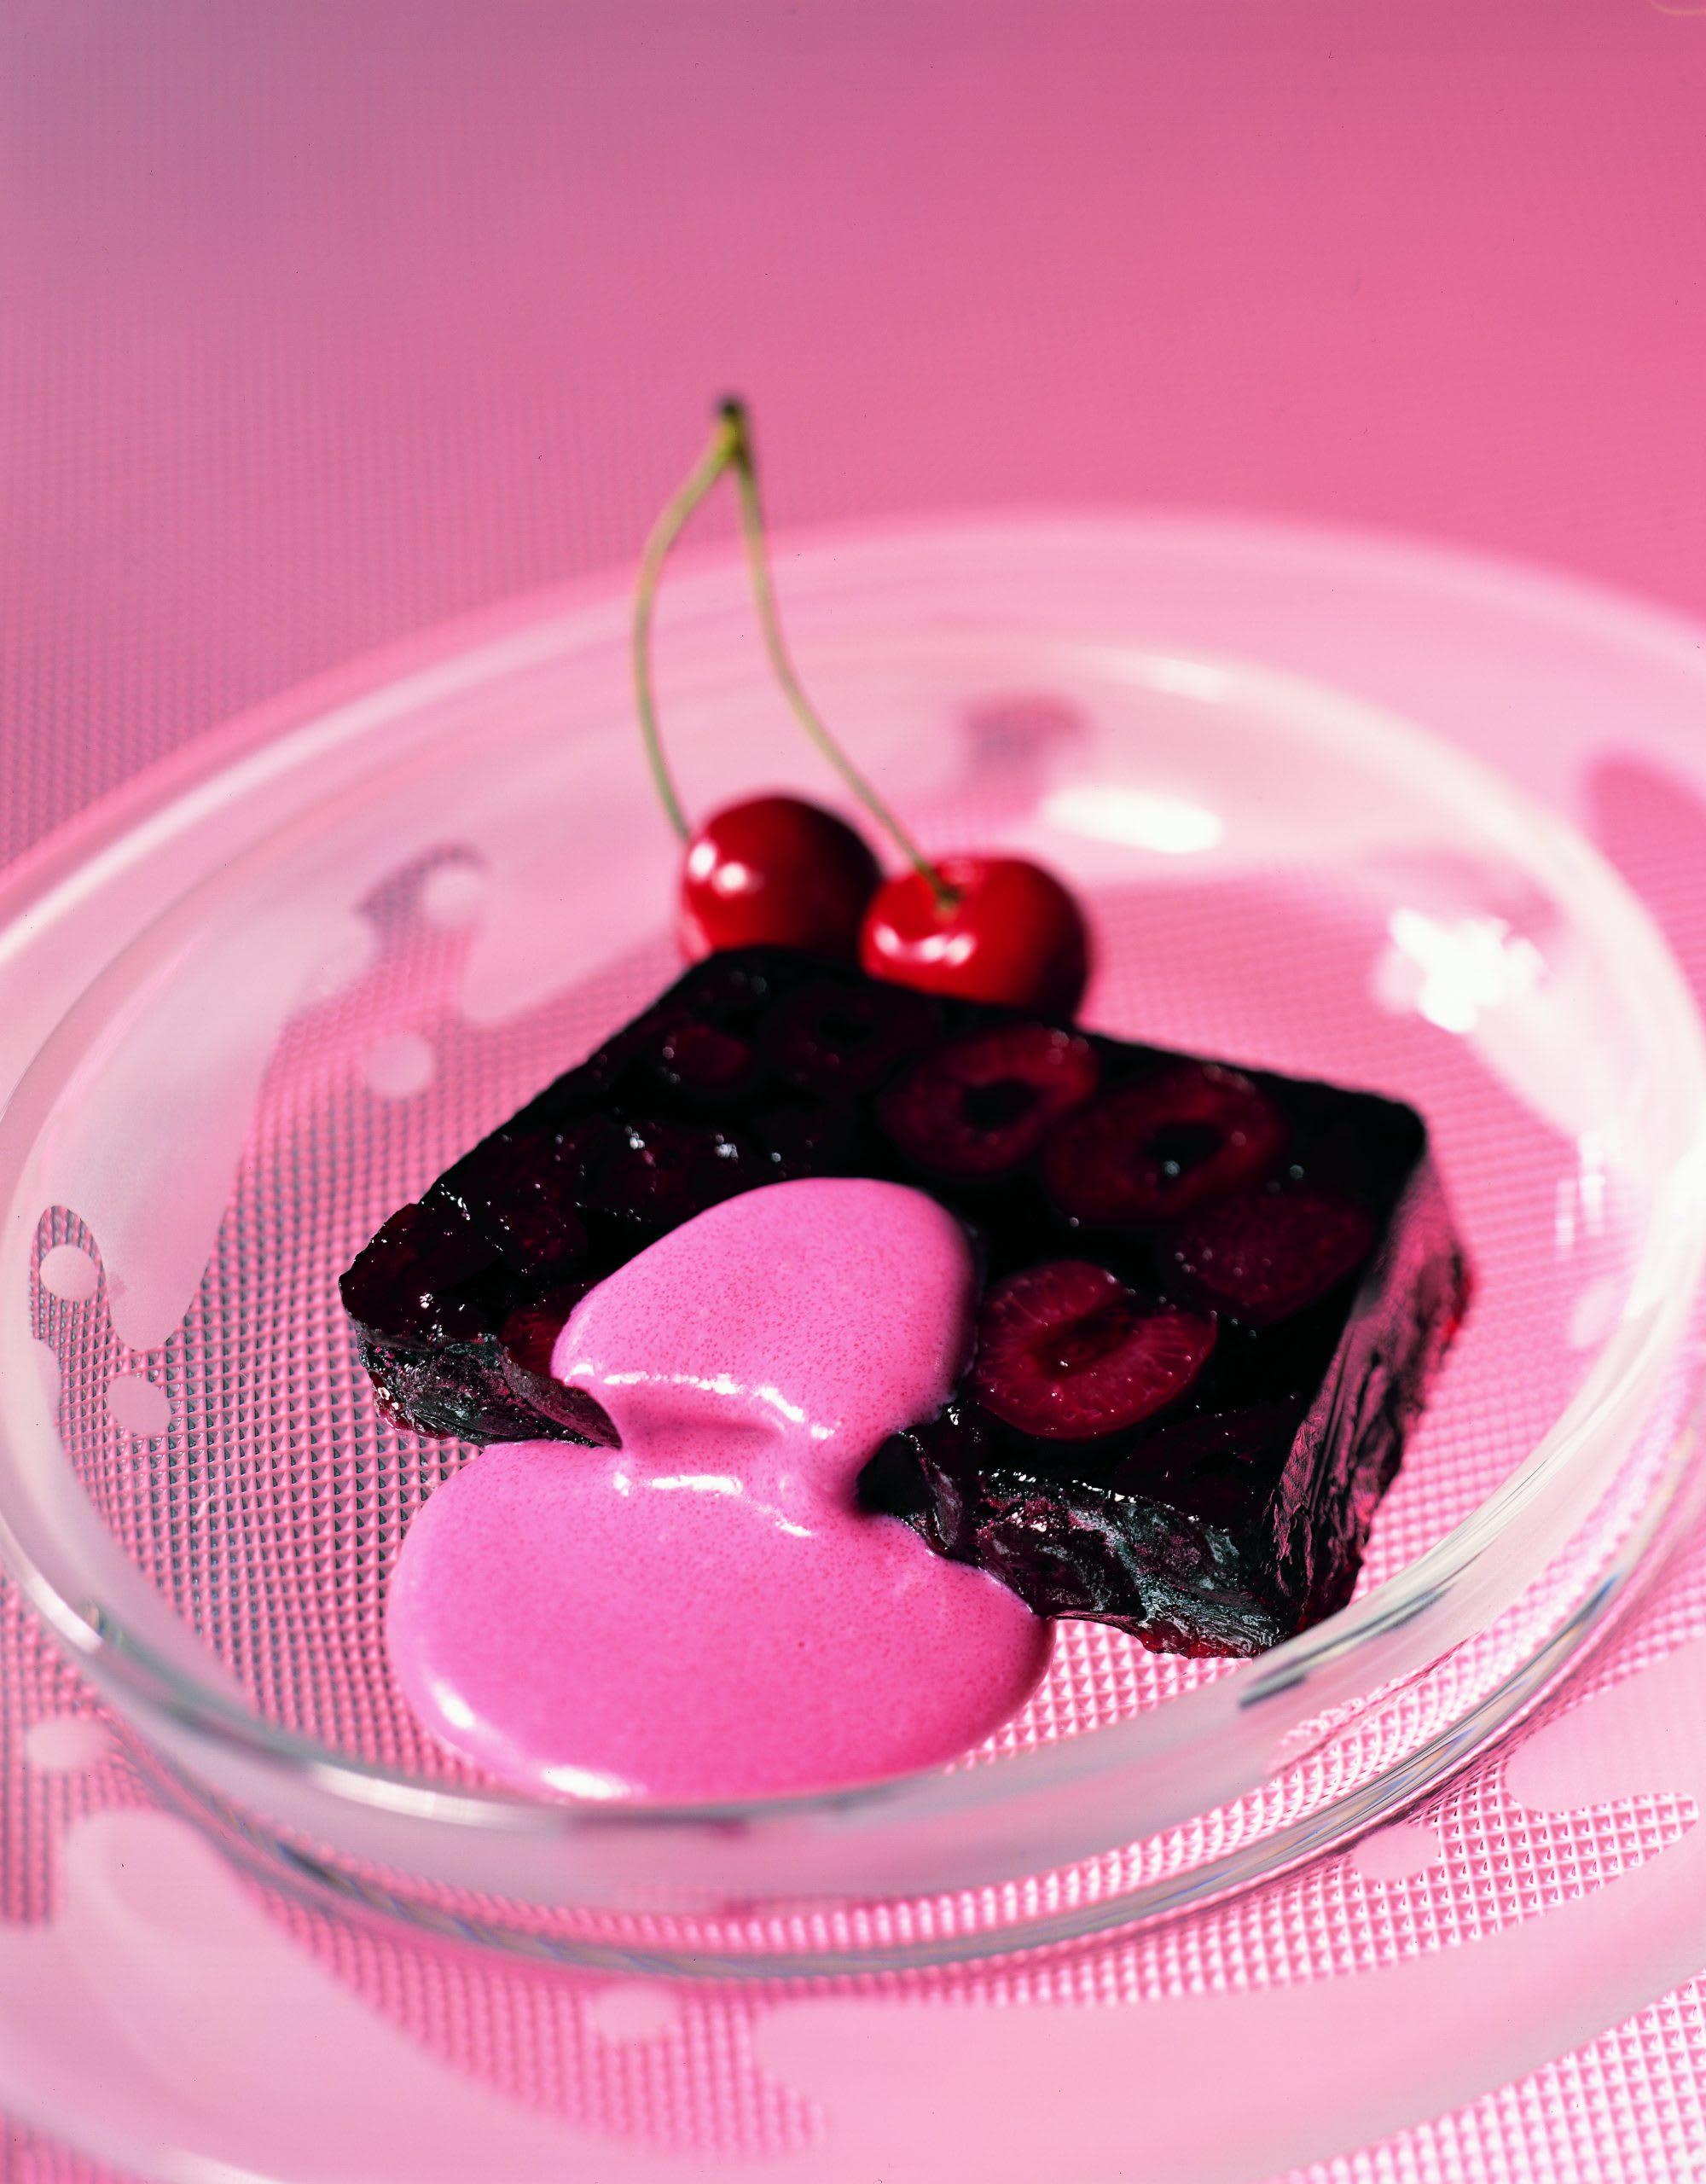 Kirschenterrine an rosa Schokoladensauce